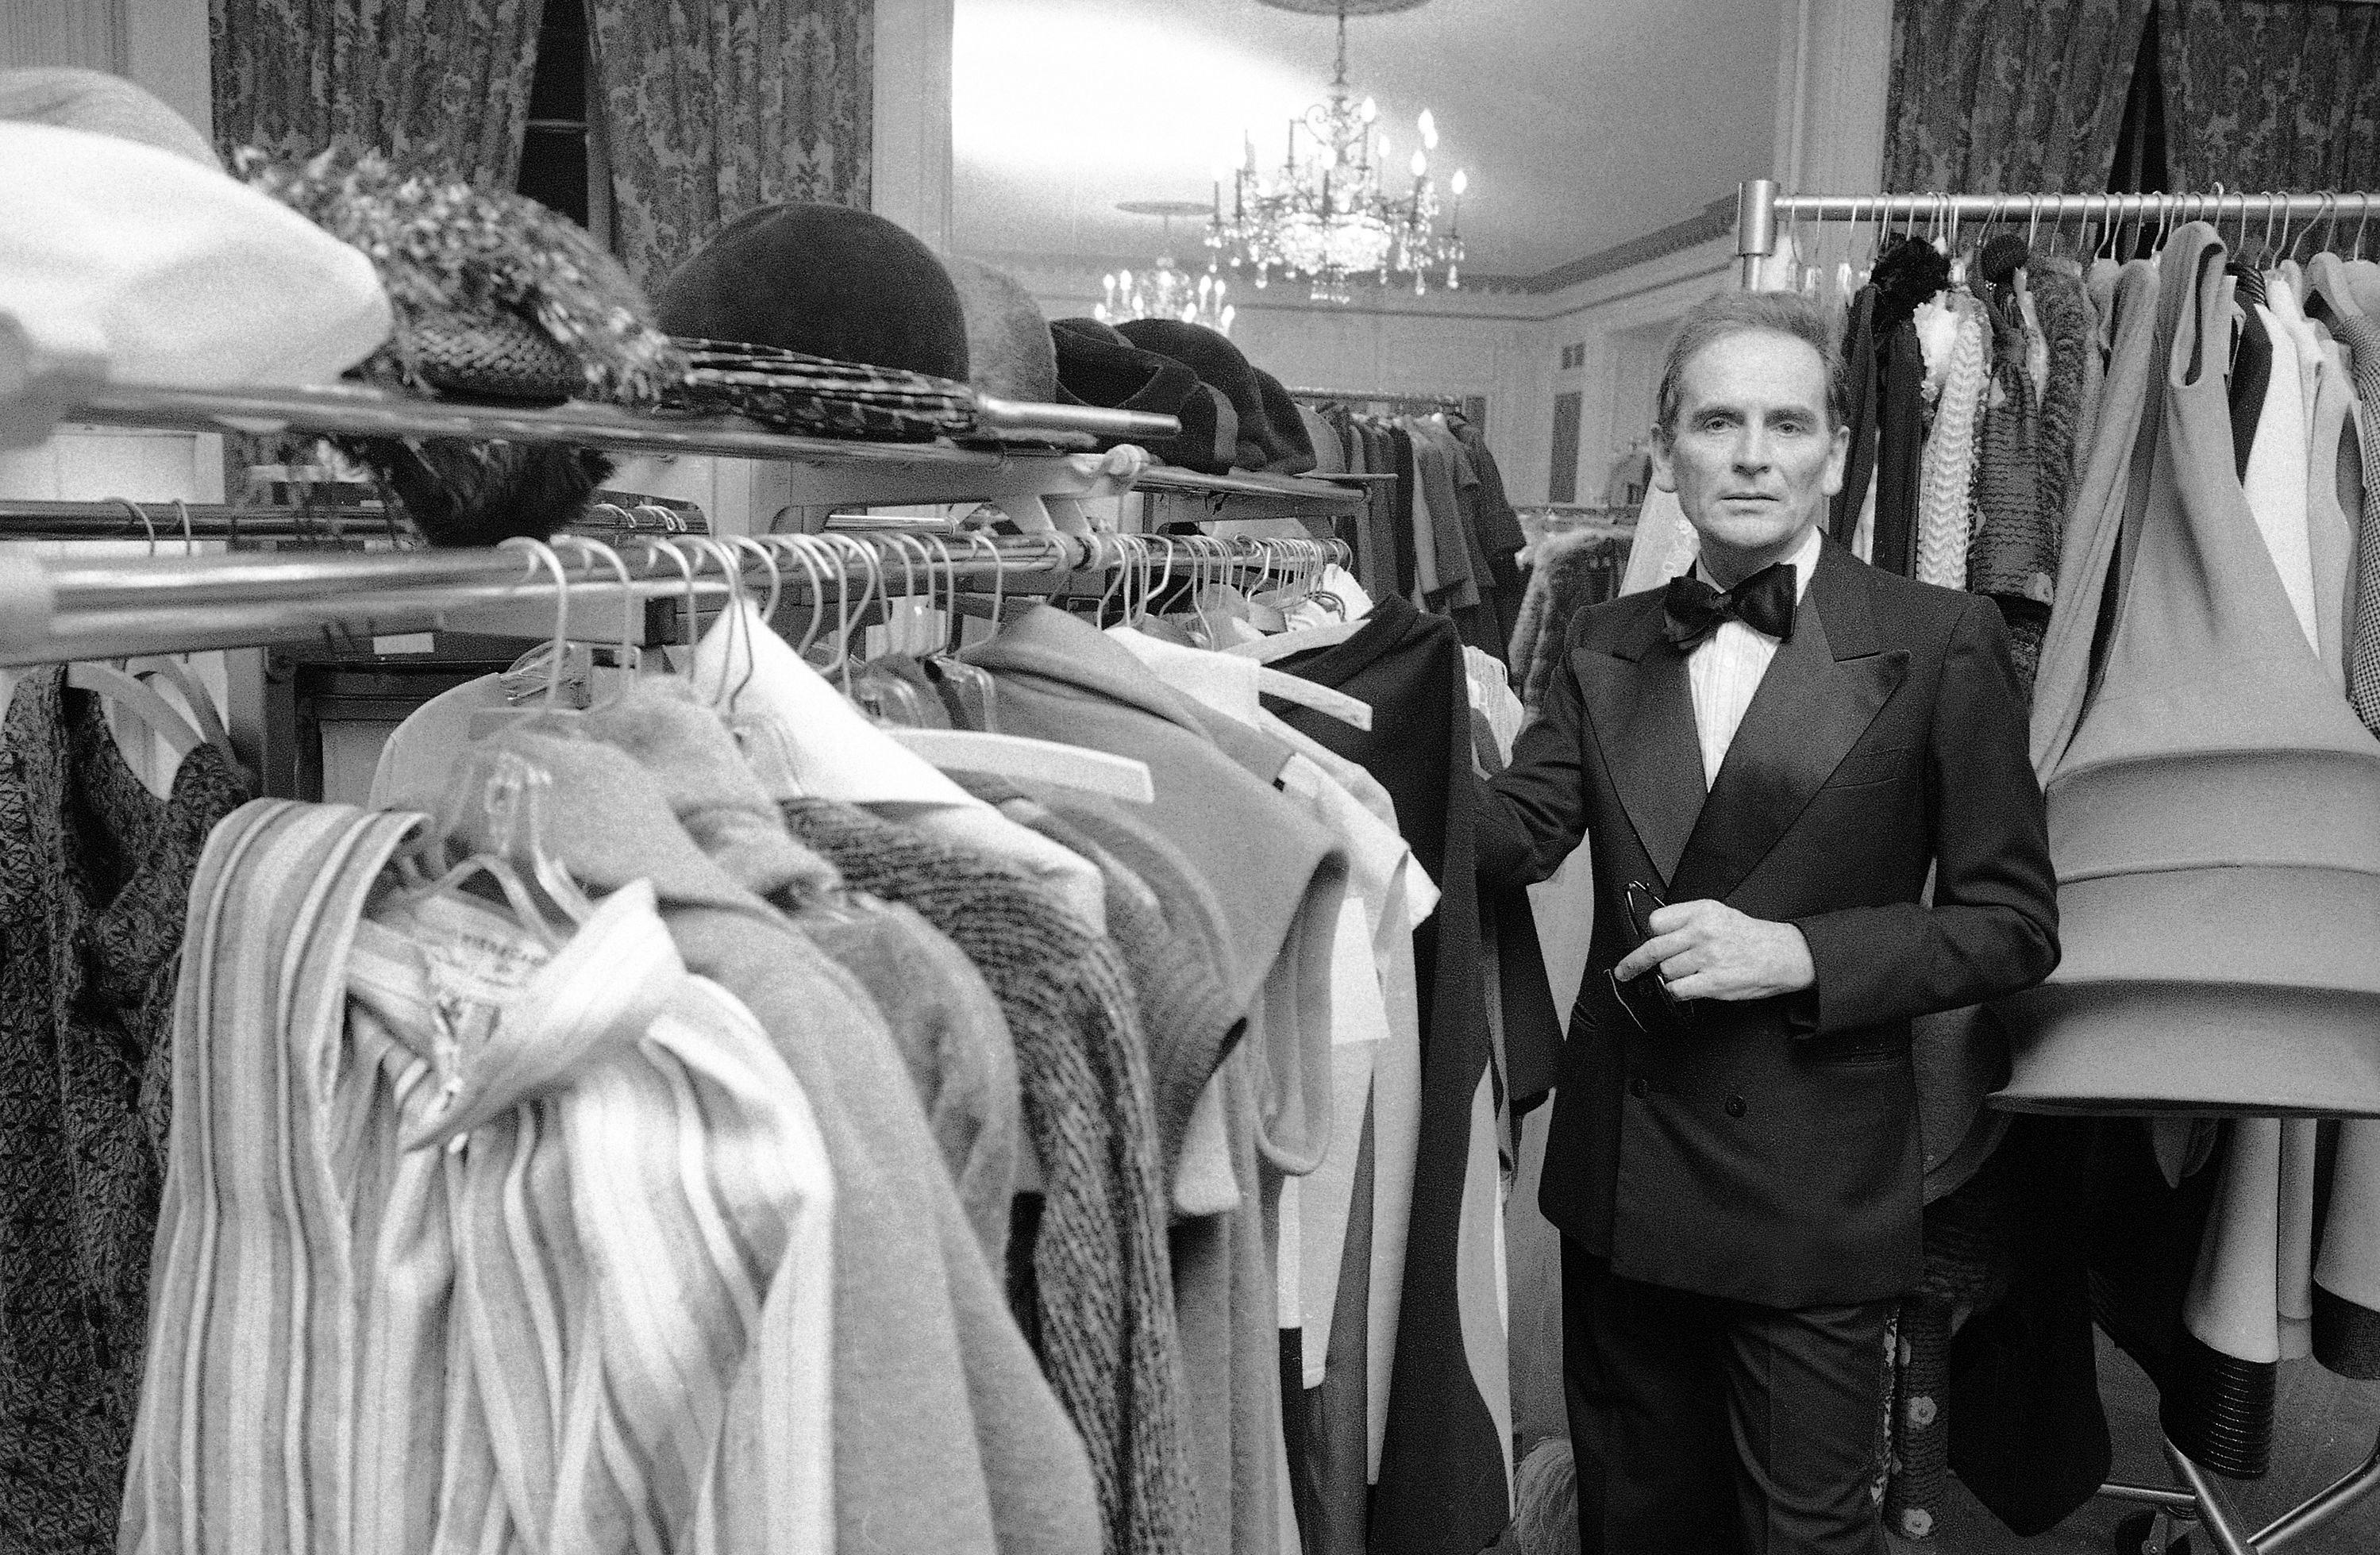 En un momento en que otras marcas de París estaban obsesionadas con halagar la forma femenina, los diseños de Cardin proyectaban a sus portadores como una especie de percha glorificada, para mostrar las formas nítidas y los patrones gráficos de la ropa. (AP)